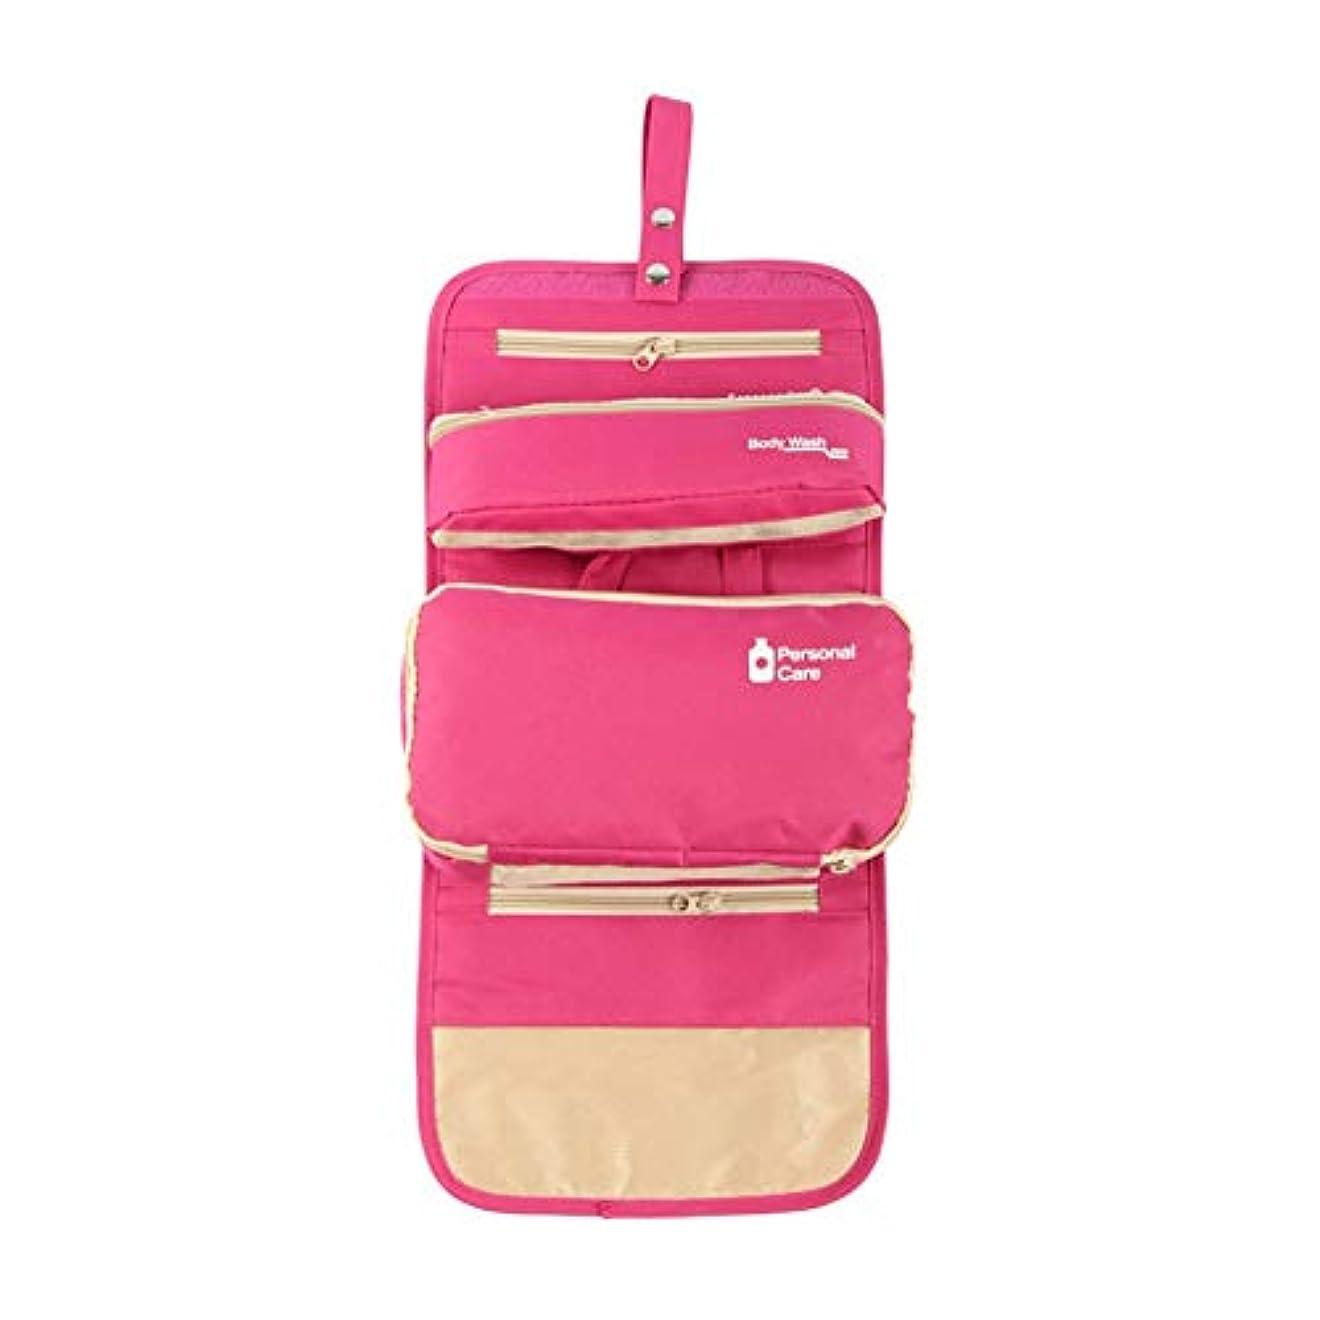 賛美歌フィードバック廃棄特大スペース収納ビューティーボックス 女の子の女性旅行のための新しく、実用的な携帯用化粧箱およびロックおよび皿が付いている毎日の貯蔵 化粧品化粧台 (色 : ピンク)